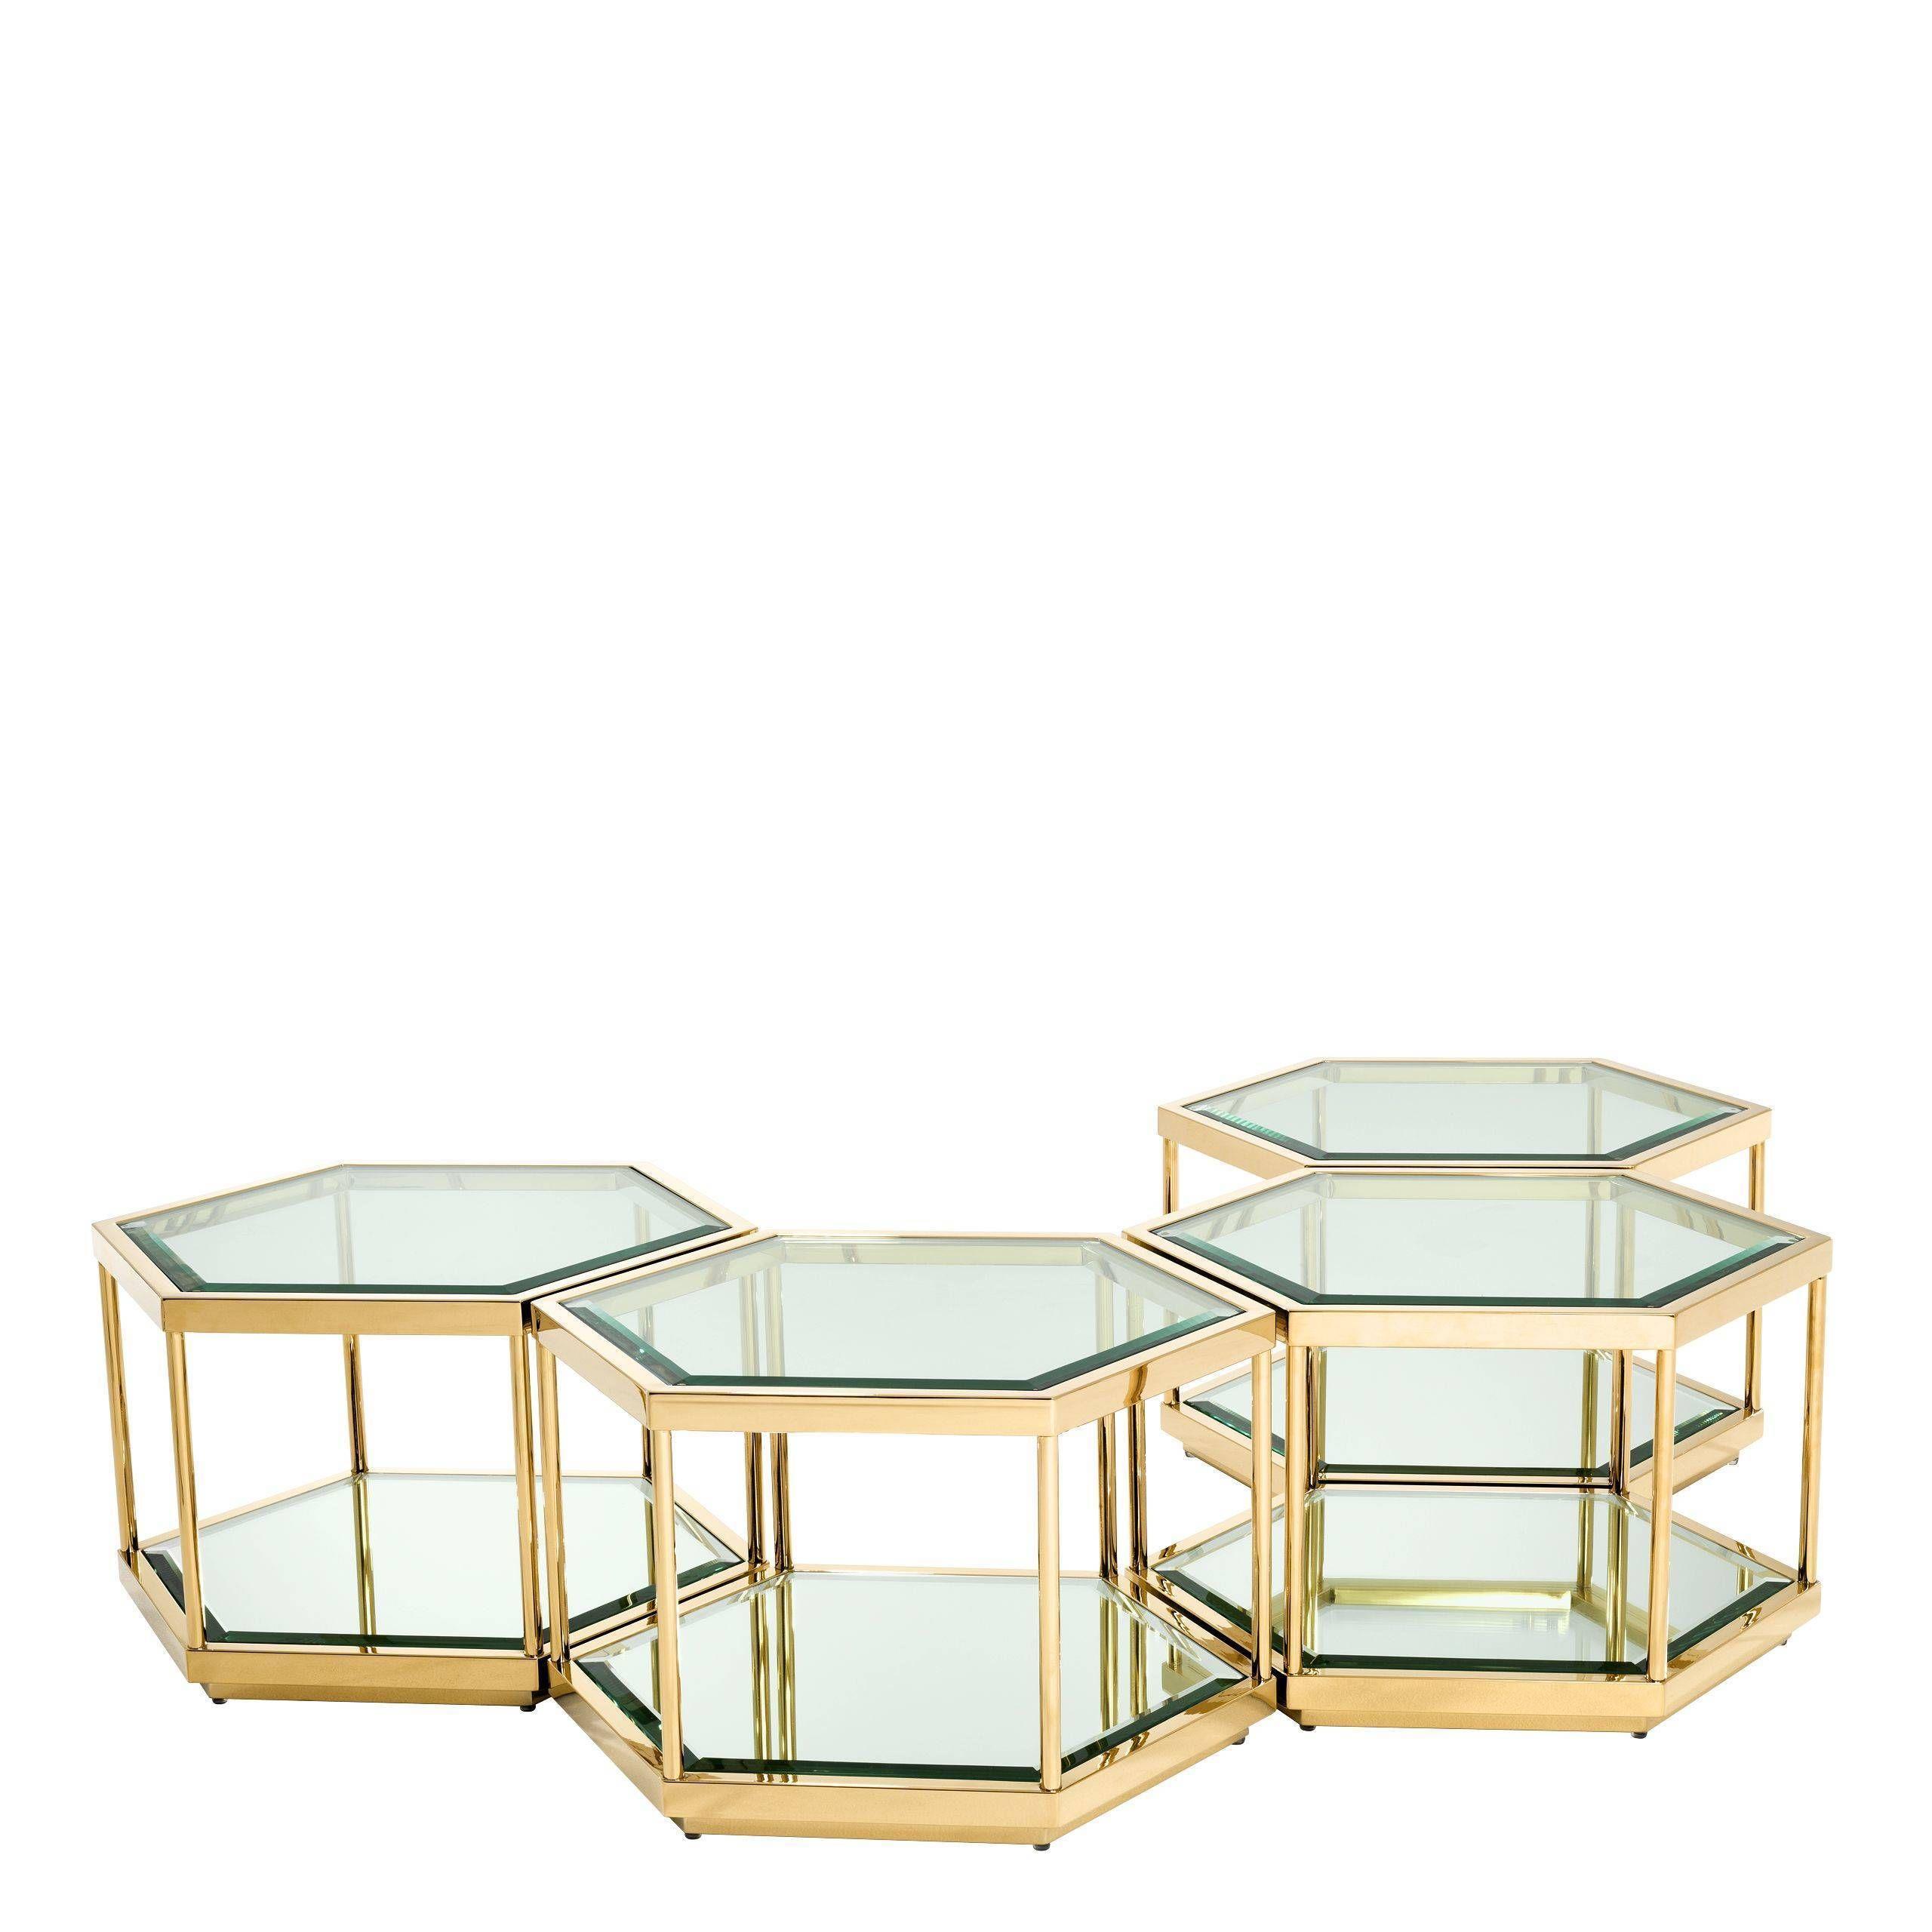 Gold Hexagonal Coffee Table Set Eichholtz Sax In 2021 Hexagon Coffee Table Gold Coffee Table Coffee Table Setting [ 2560 x 2560 Pixel ]